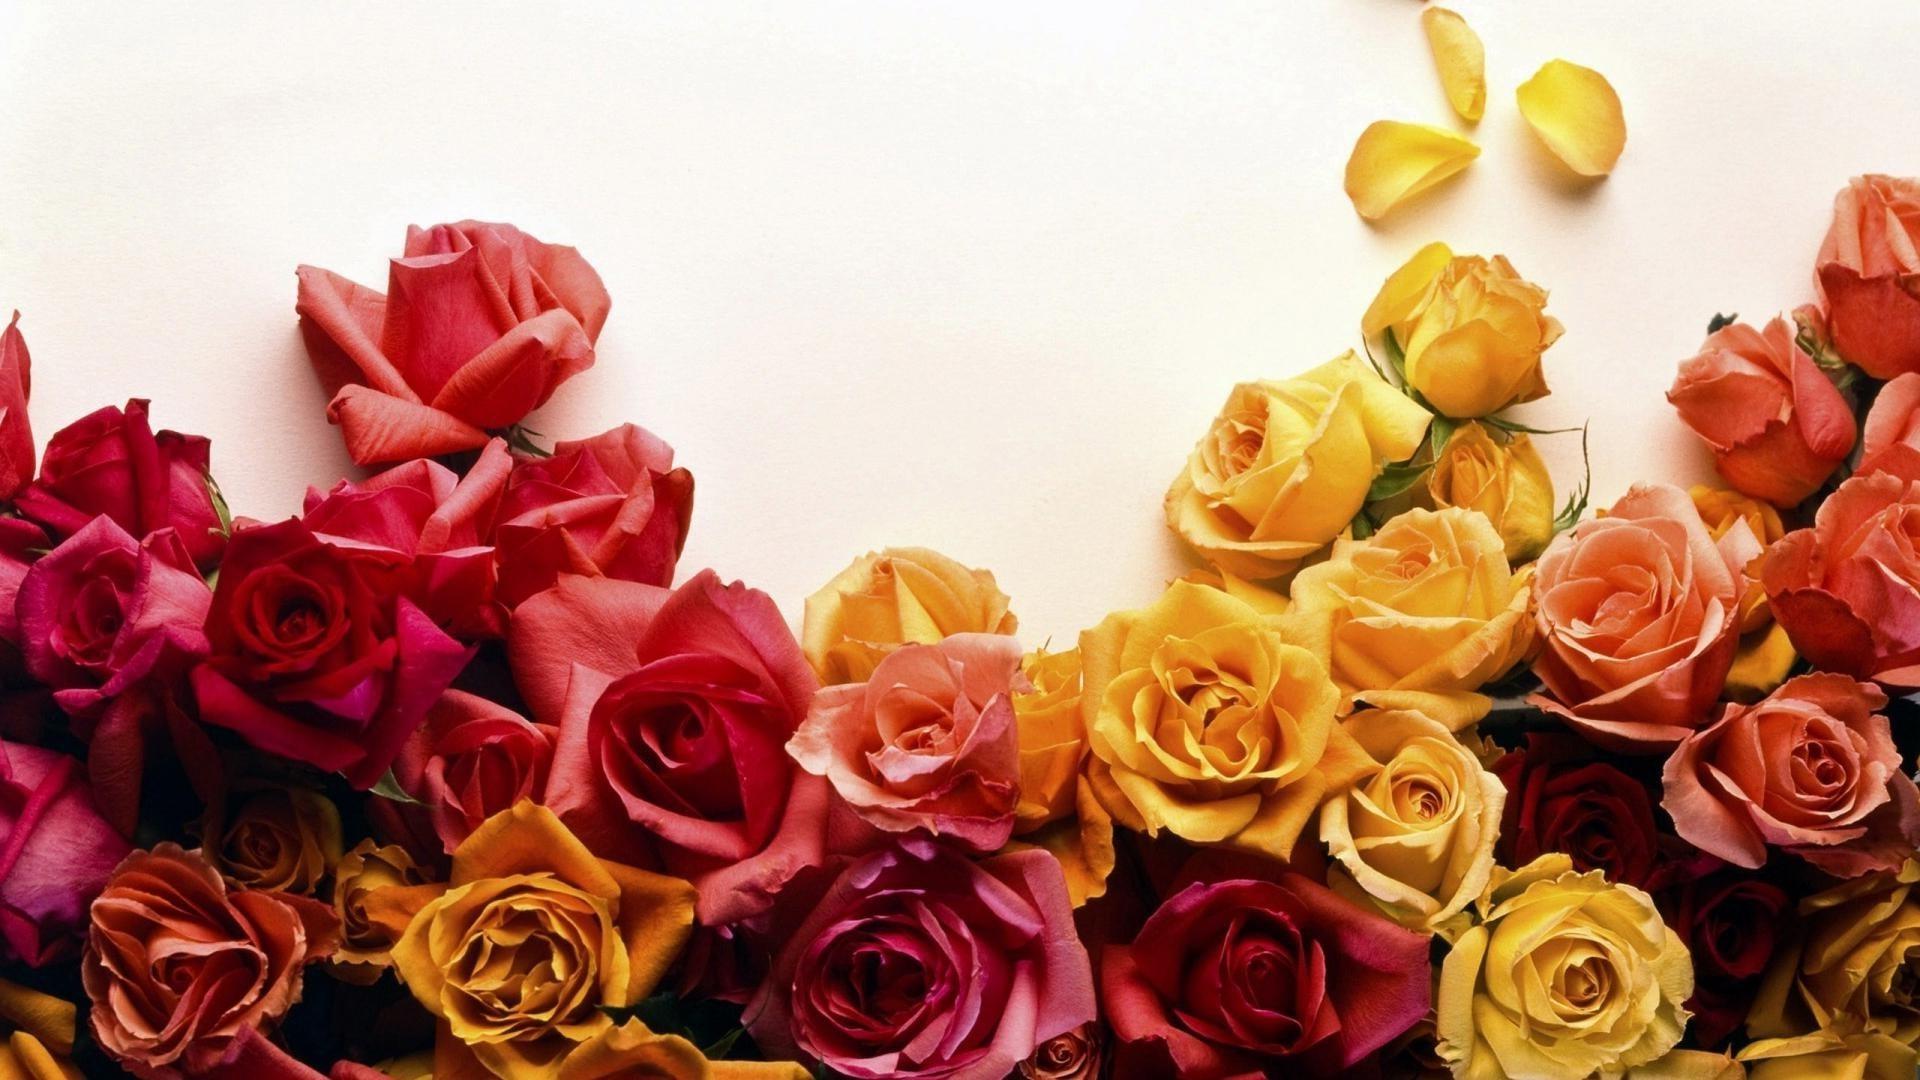 Россыпь цветов  № 2267624 без смс